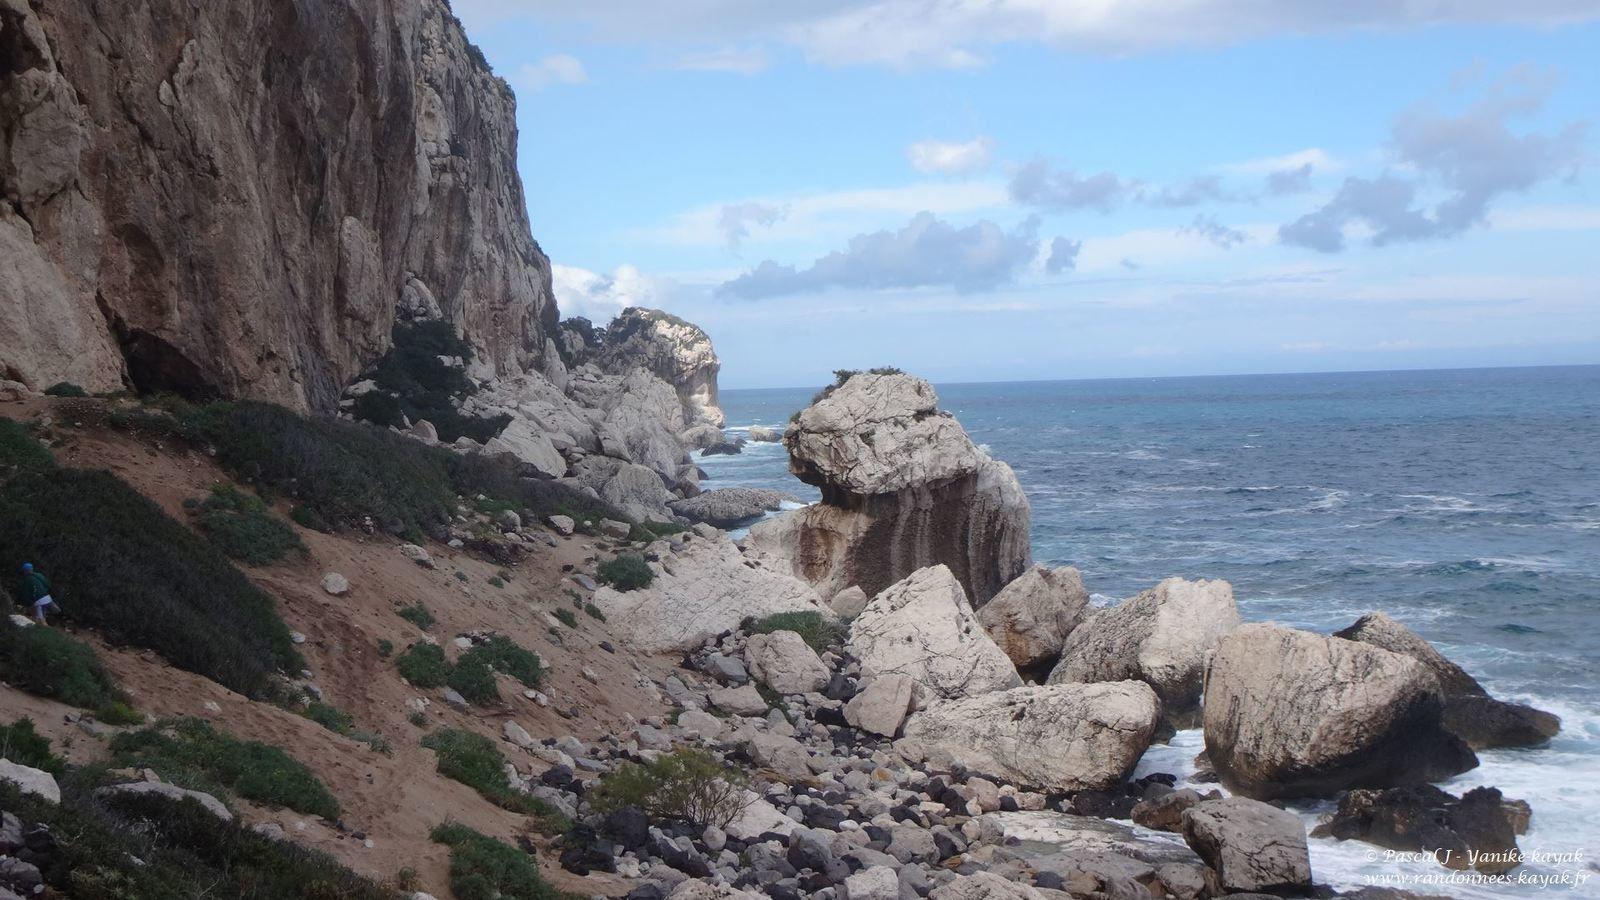 Sardegna 2019, una nuova avventura - Chapitre 6 : sous le déluge, des profondeurs de la terre aux thermes